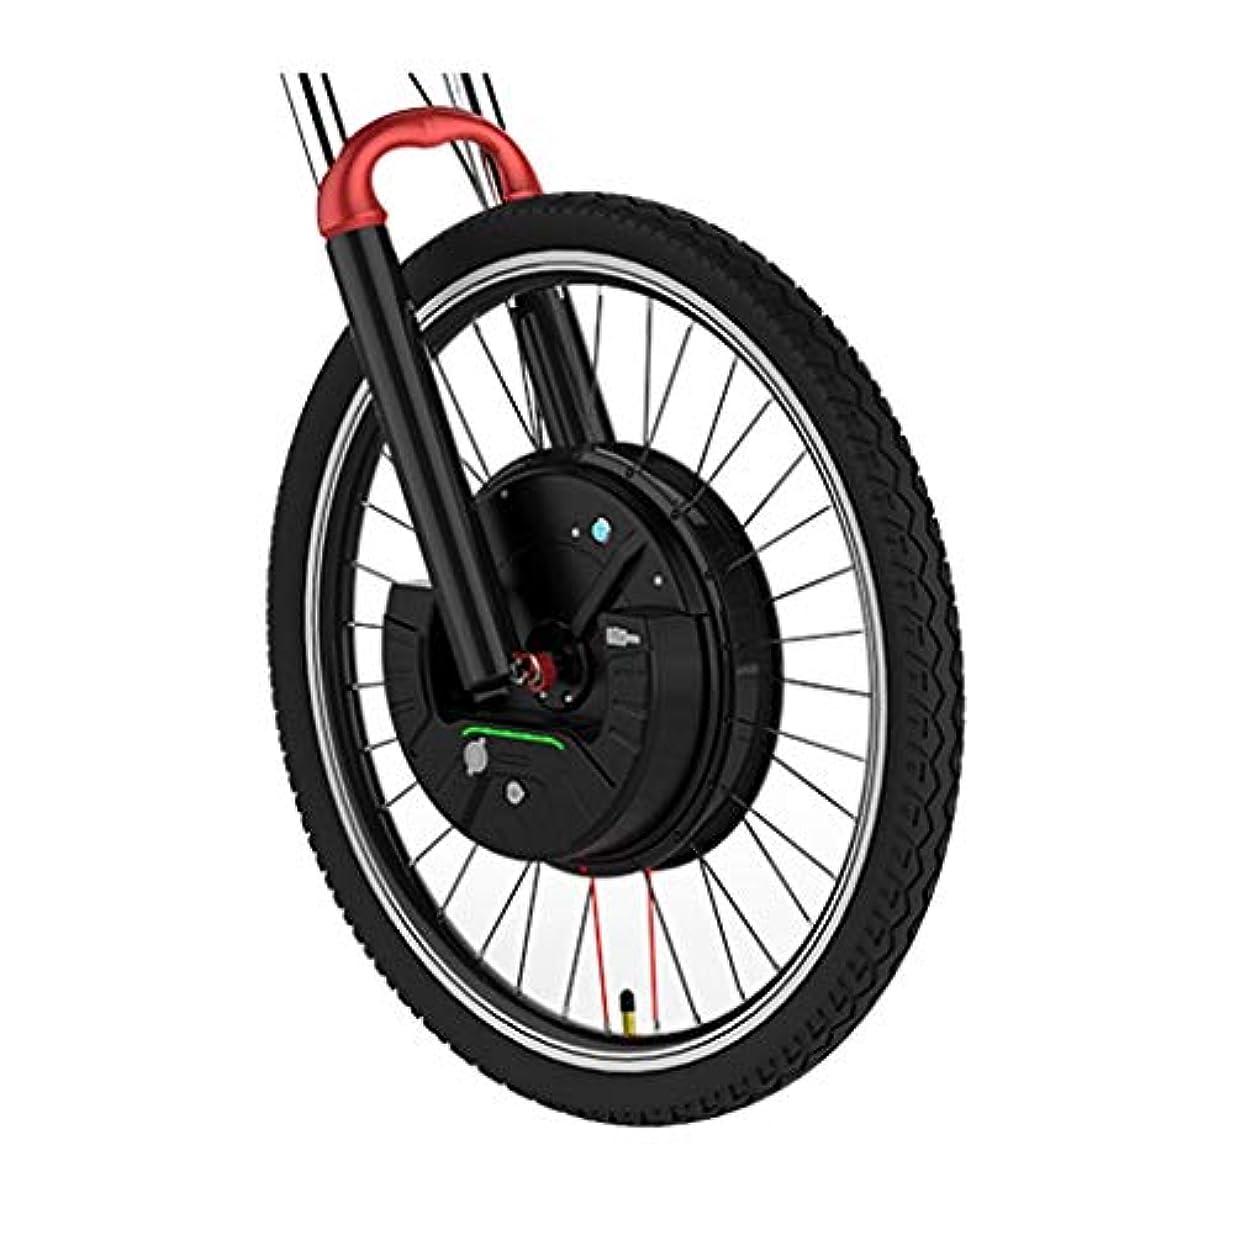 データ打ち上げる風味Imortor電動自転車変換キットバッテリーワイヤレスで3.0または1つの毎時40キロと40キロで1本のケーブル全て (Color : Disc APP control, Size : 27.5 in)